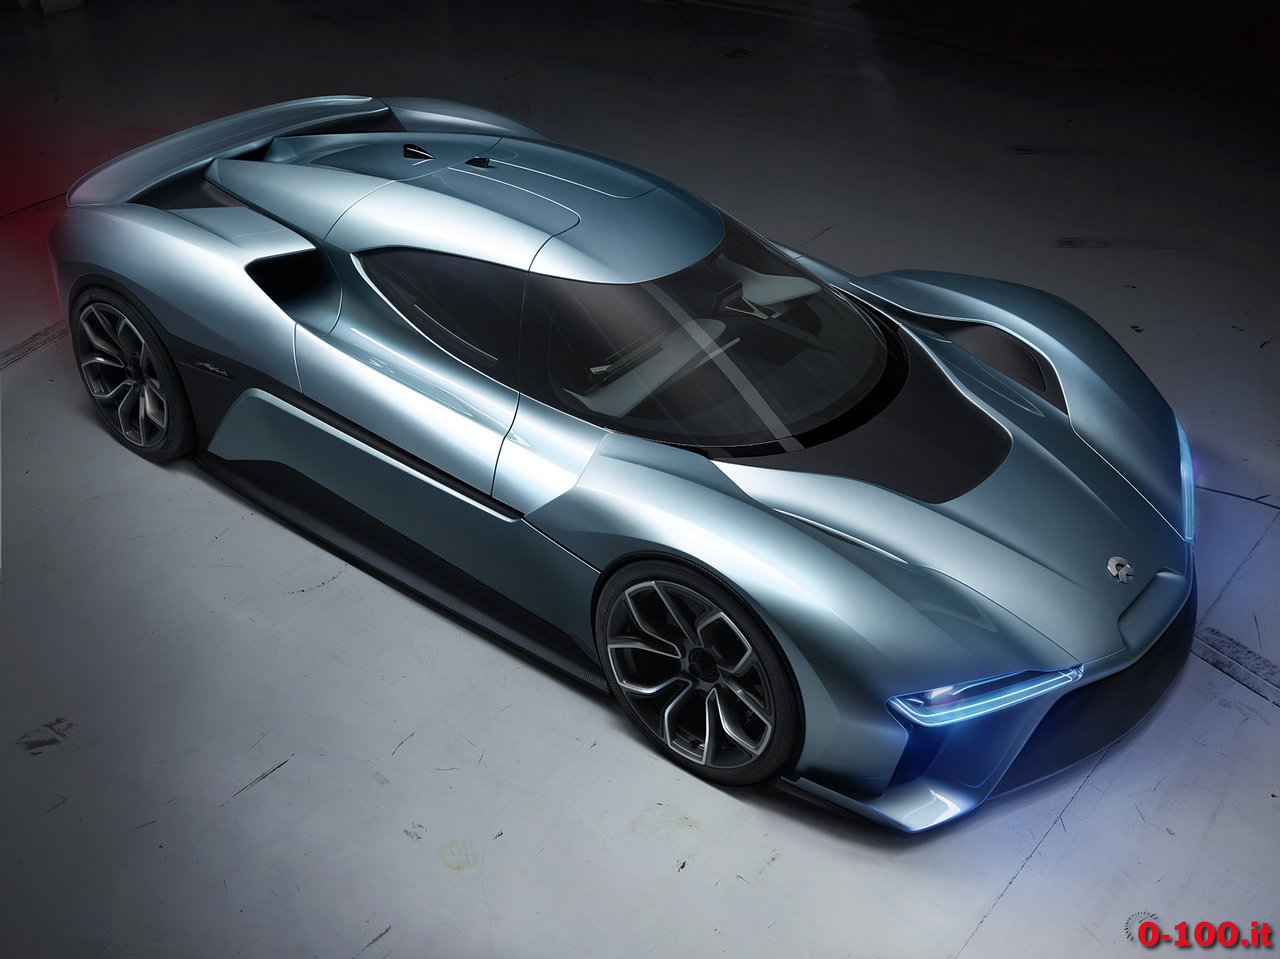 nextev_nio-ep9-china-electric-hypercar-lap-nurburgring_0-100_8